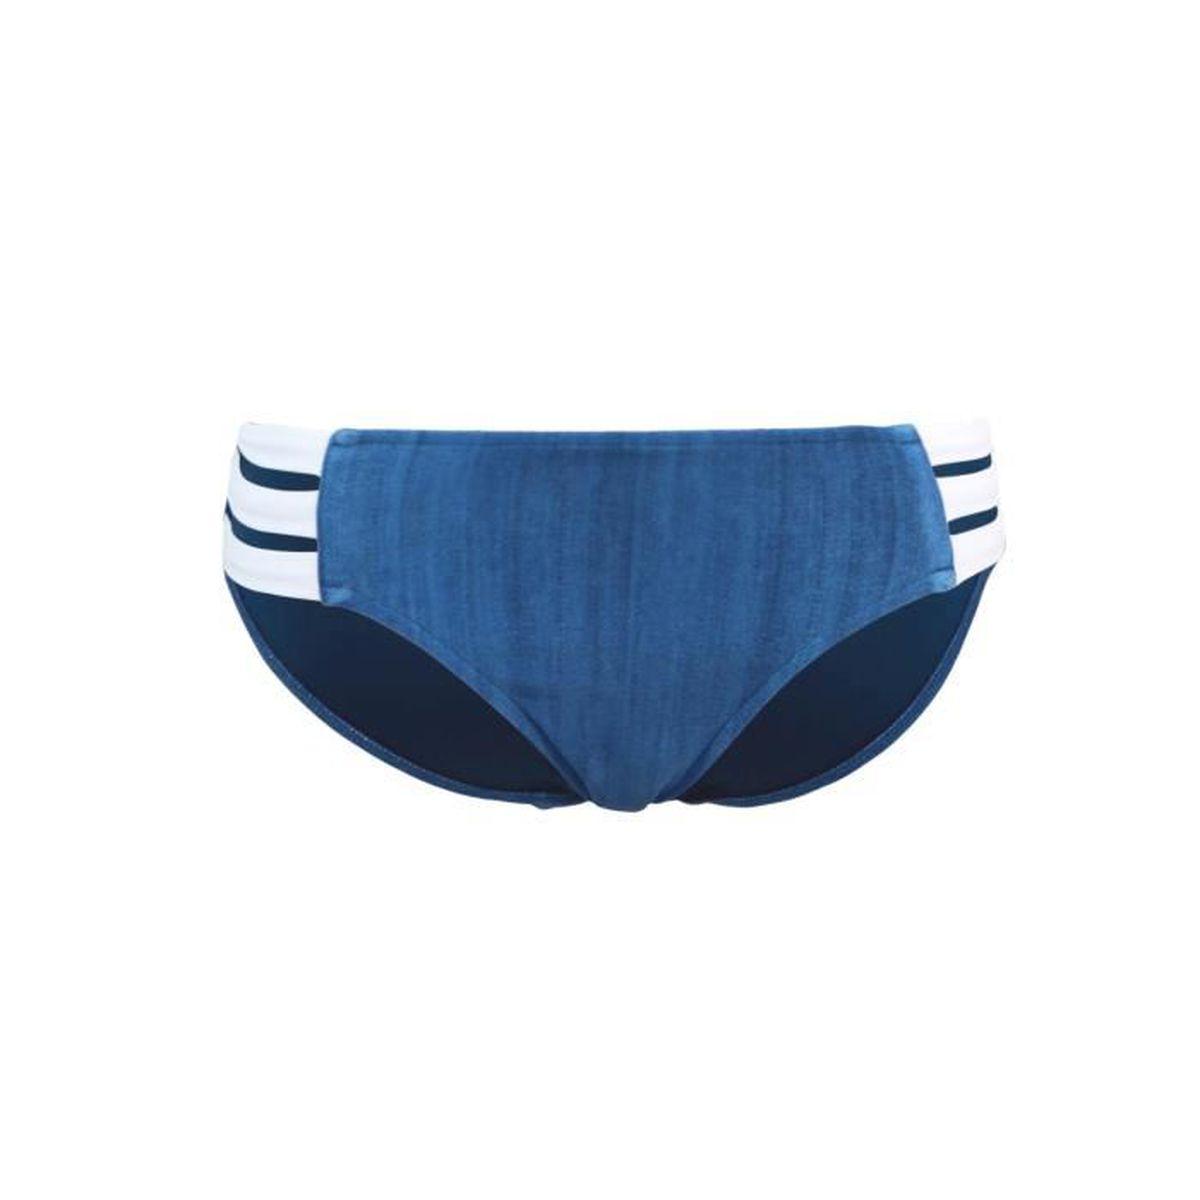 d59f109258 Party De Bain Bleue Culotte Multi Maillot Block Strap Bleu Nnm80vw